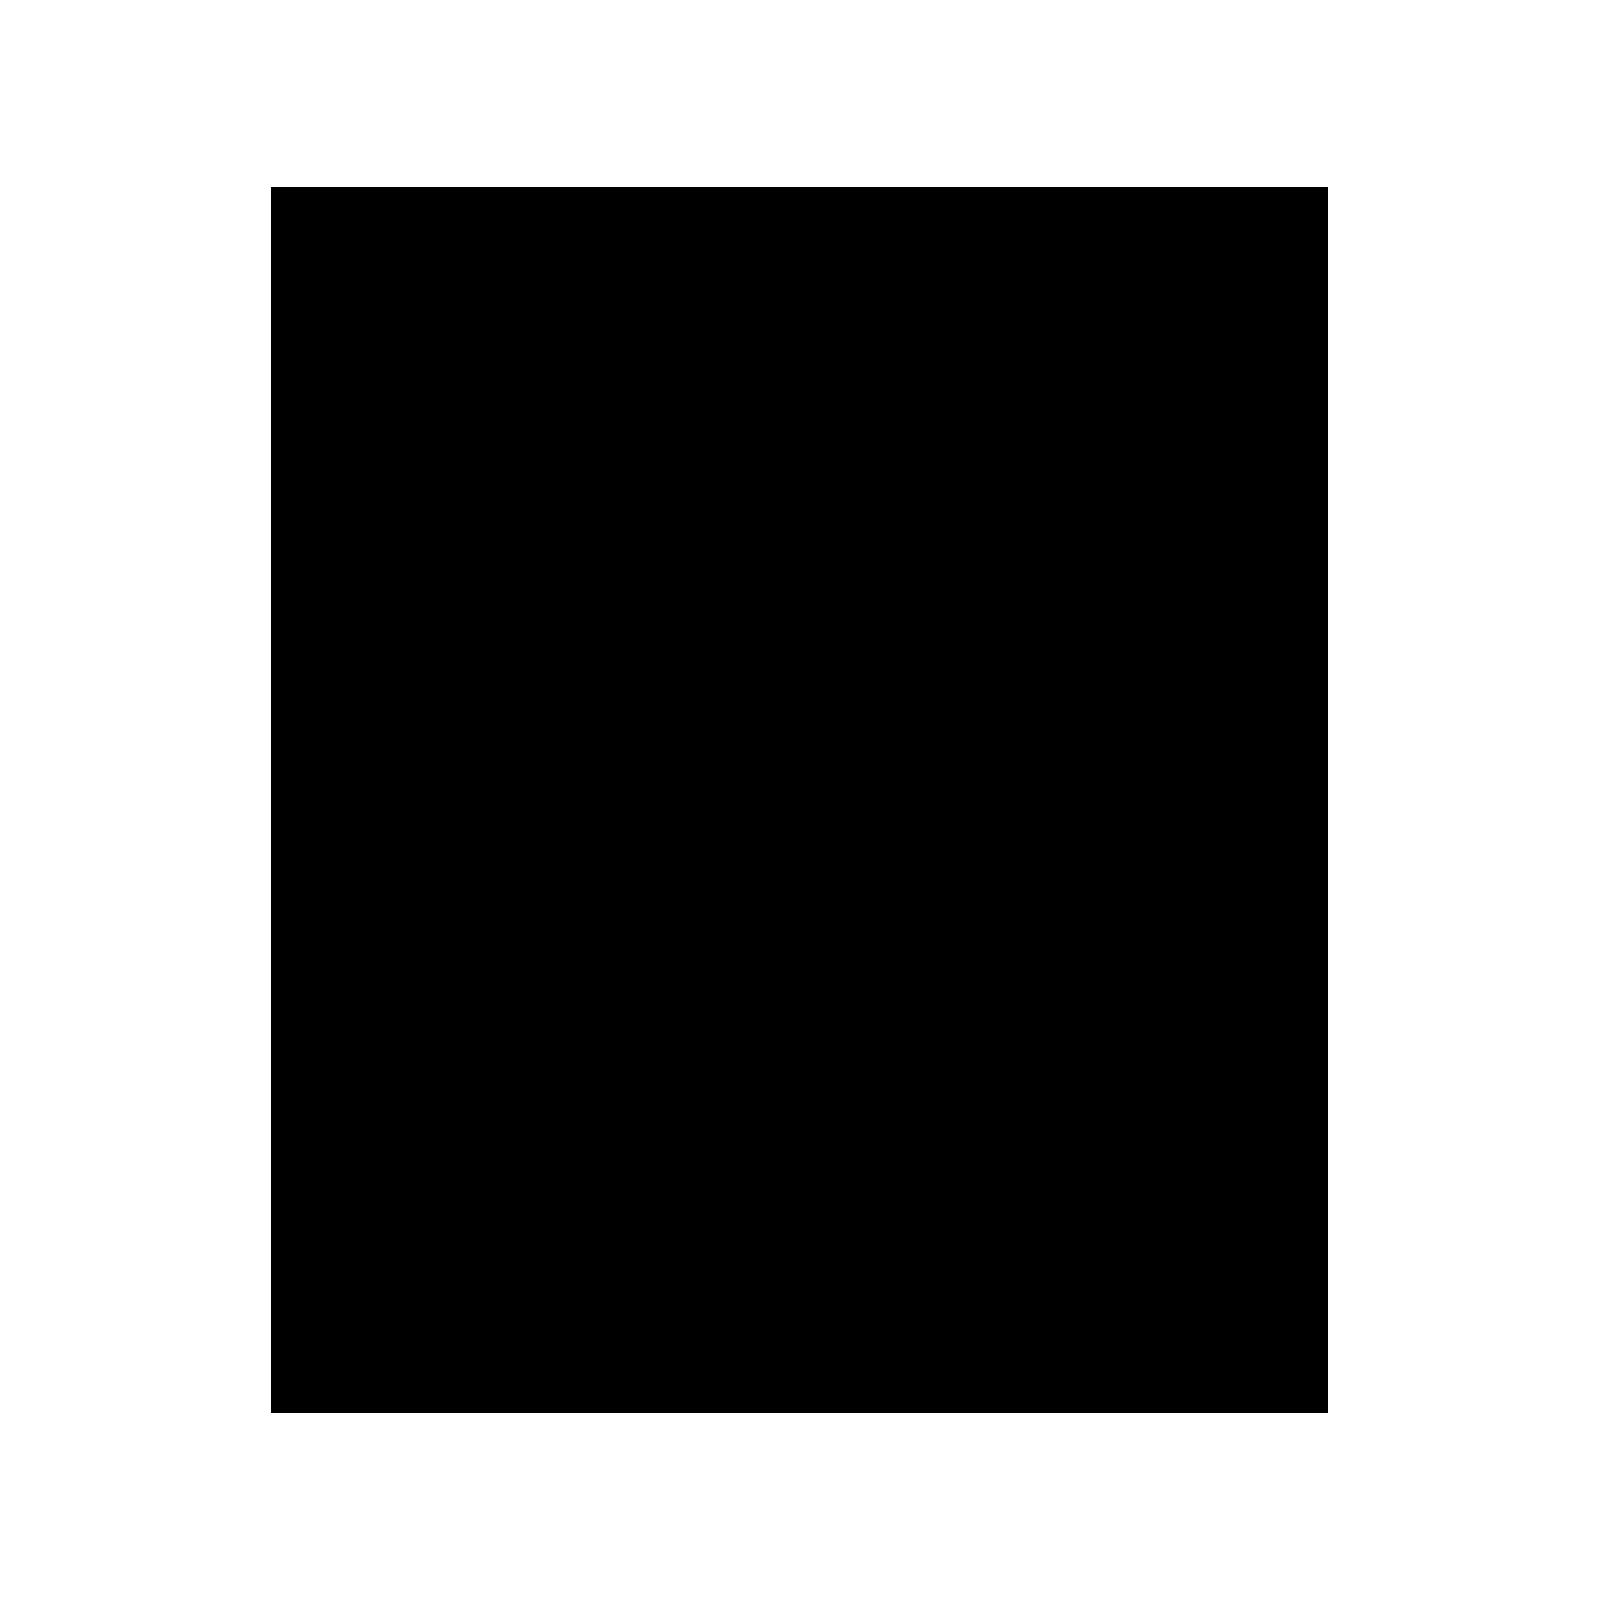 Inverseur carré pour colonne avec support mural et rosace carrée.